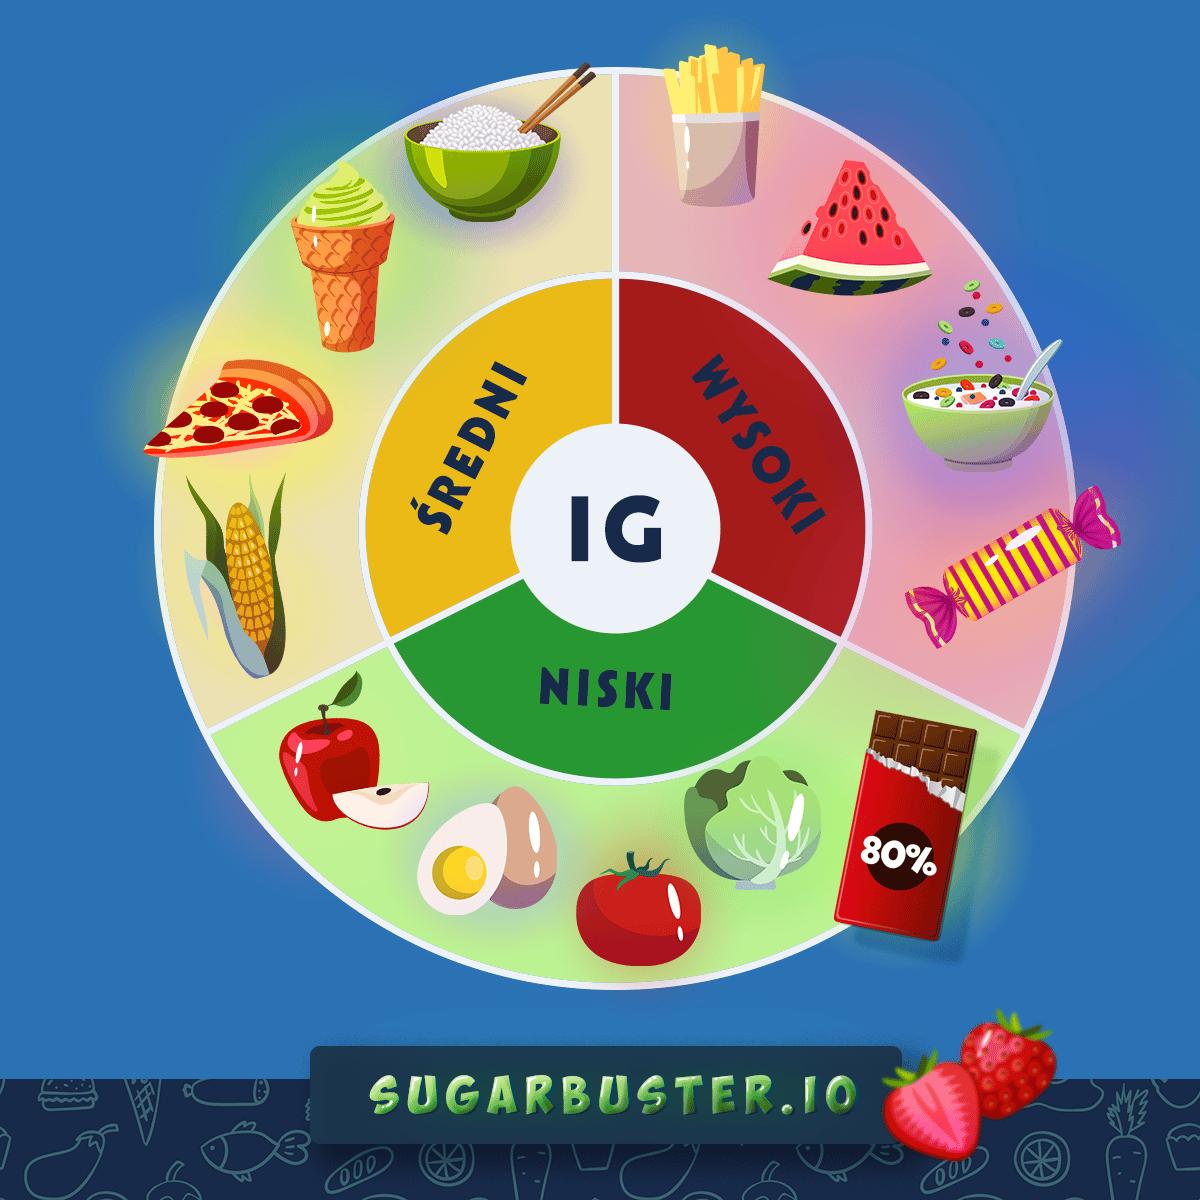 SugarBuster (4)